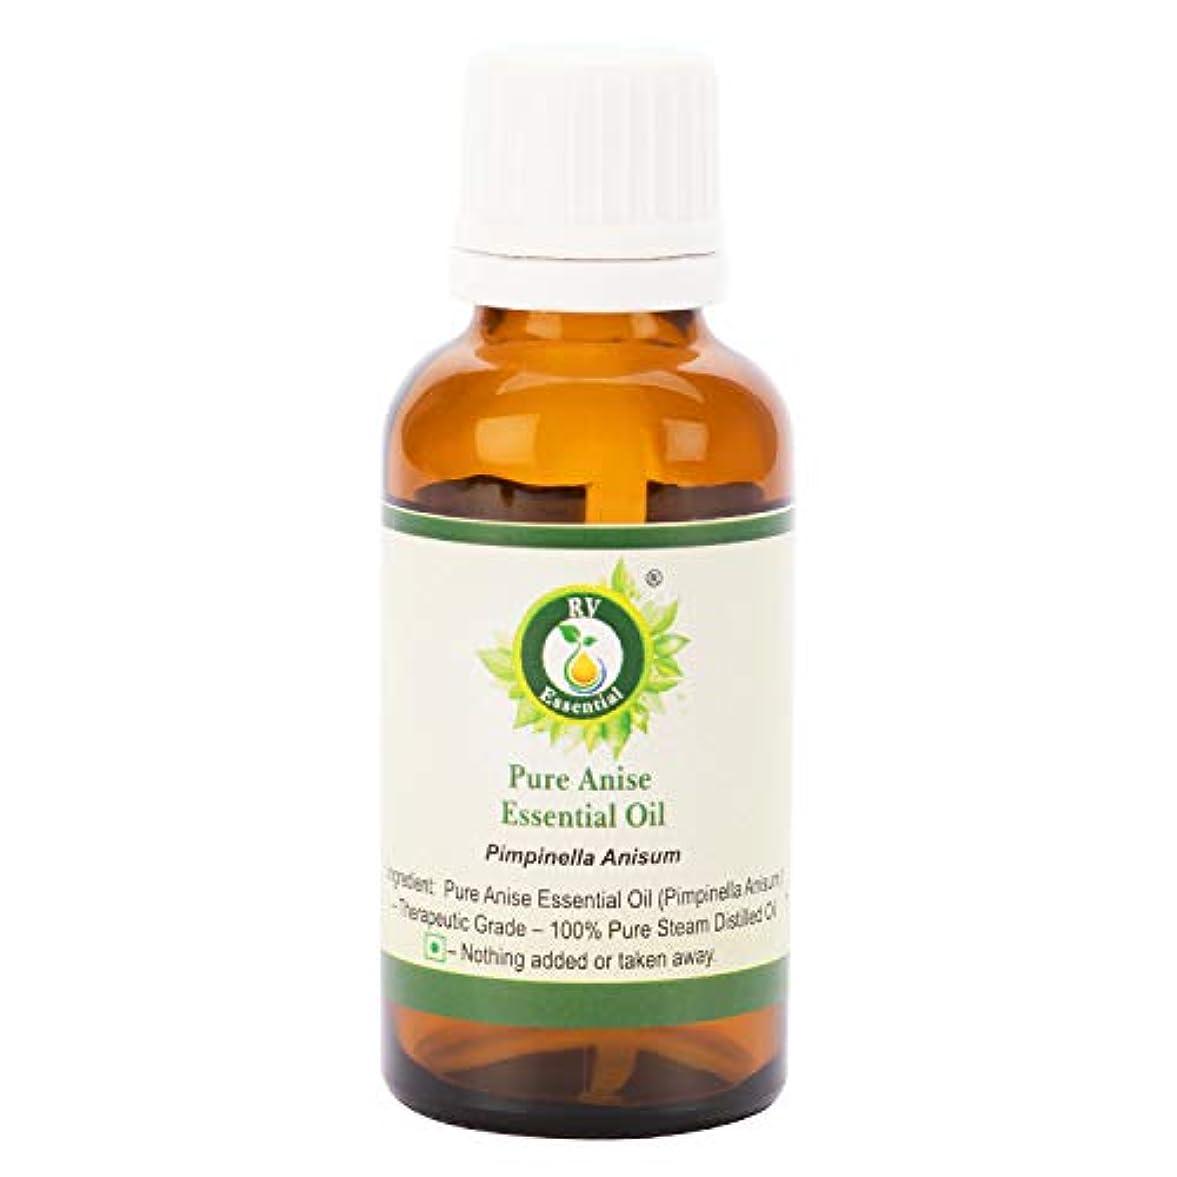 心理的慢性的隙間ピュアアニスエッセンシャルオイル30ml (1.01oz)- Pimpinella Anisum (100%純粋&天然スチームDistilled) Pure Anise Essential Oil